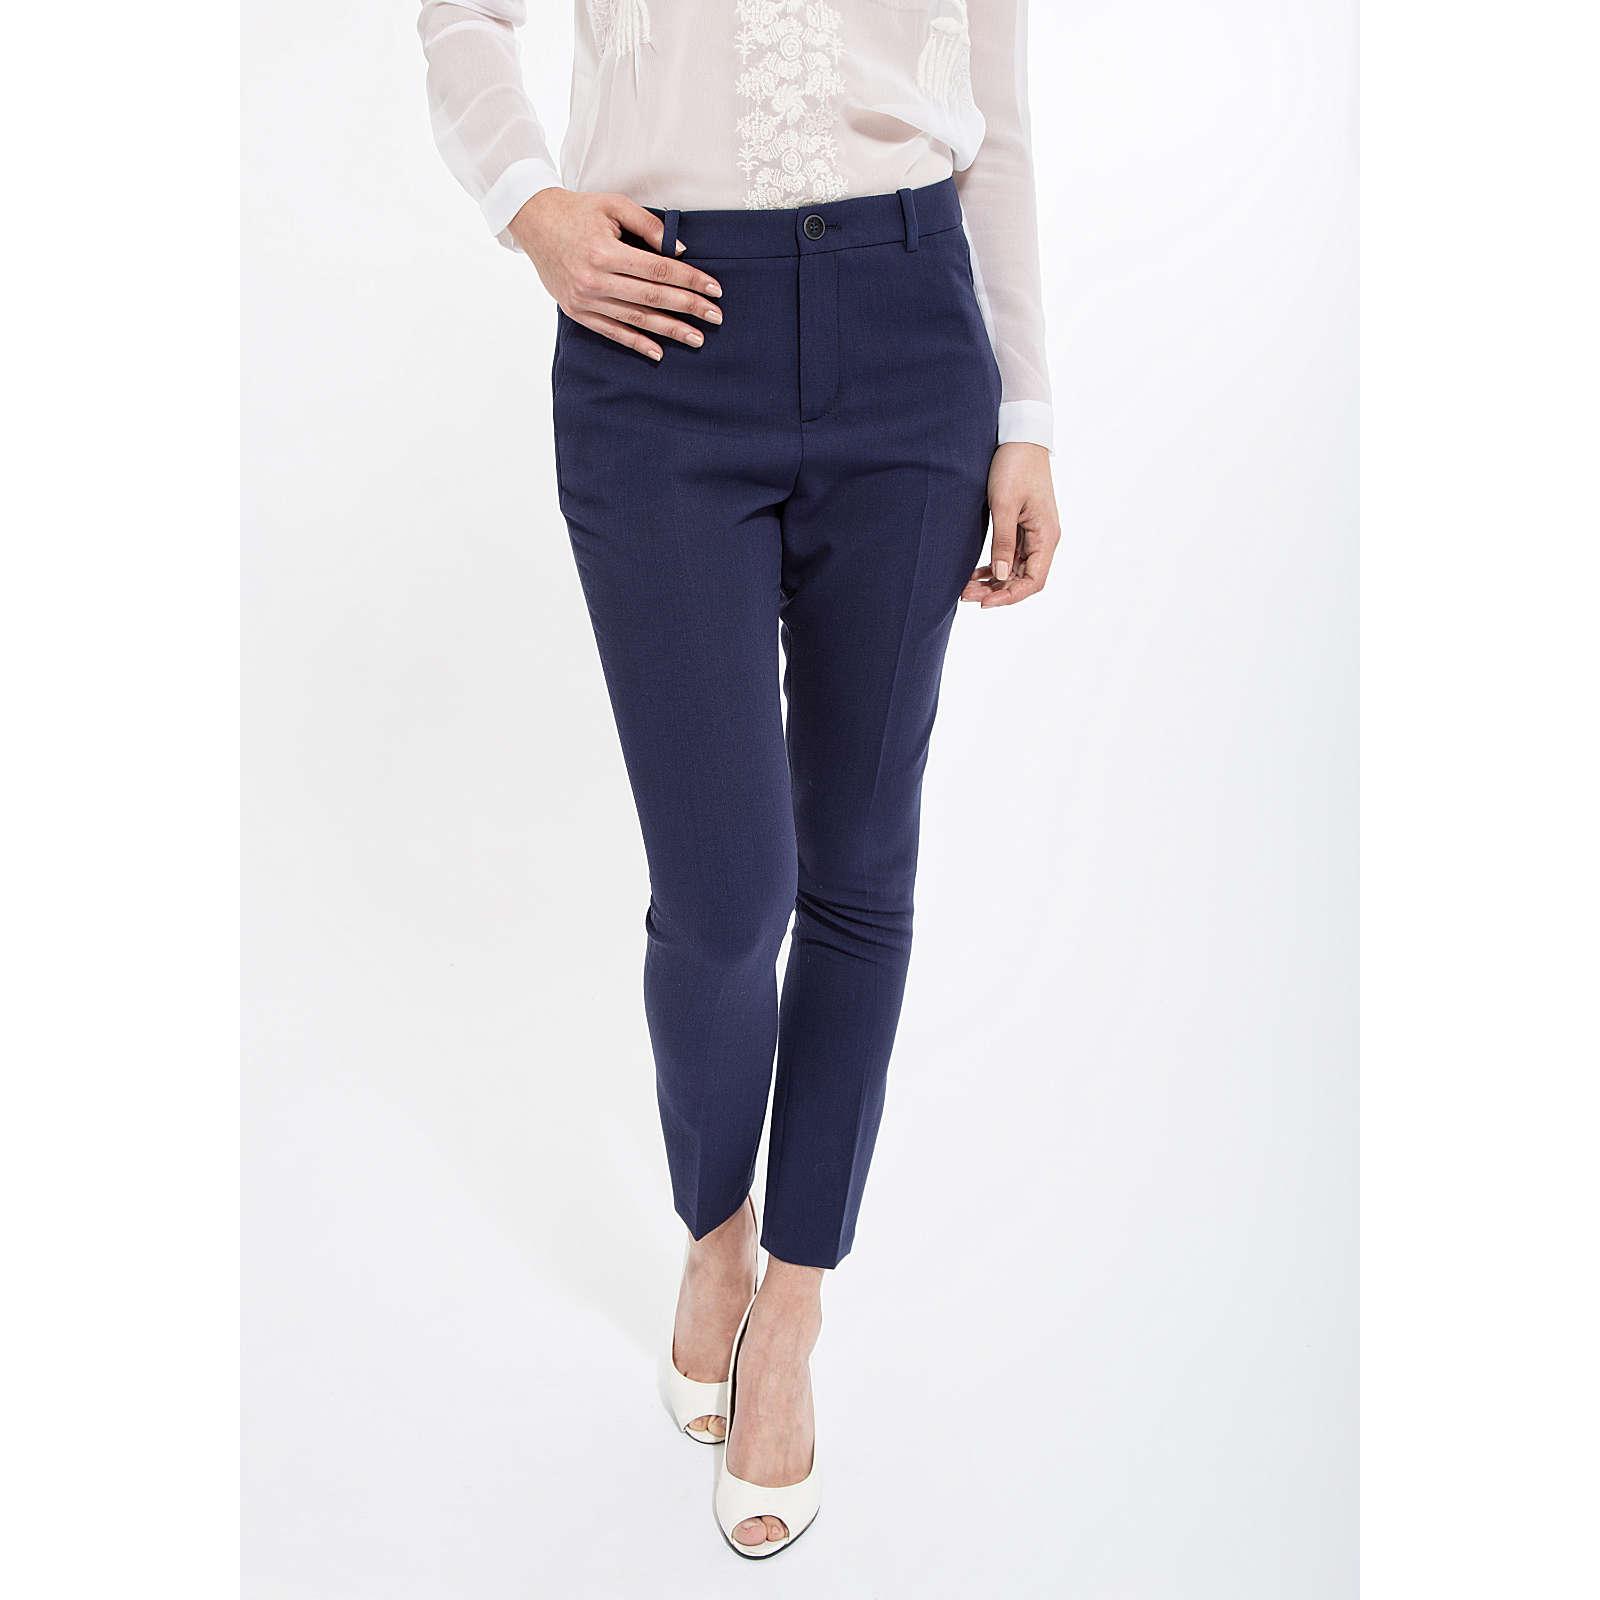 Mexx Bügelfaltenhose mit Taschen Stoffhosen blau Damen Gr. 32